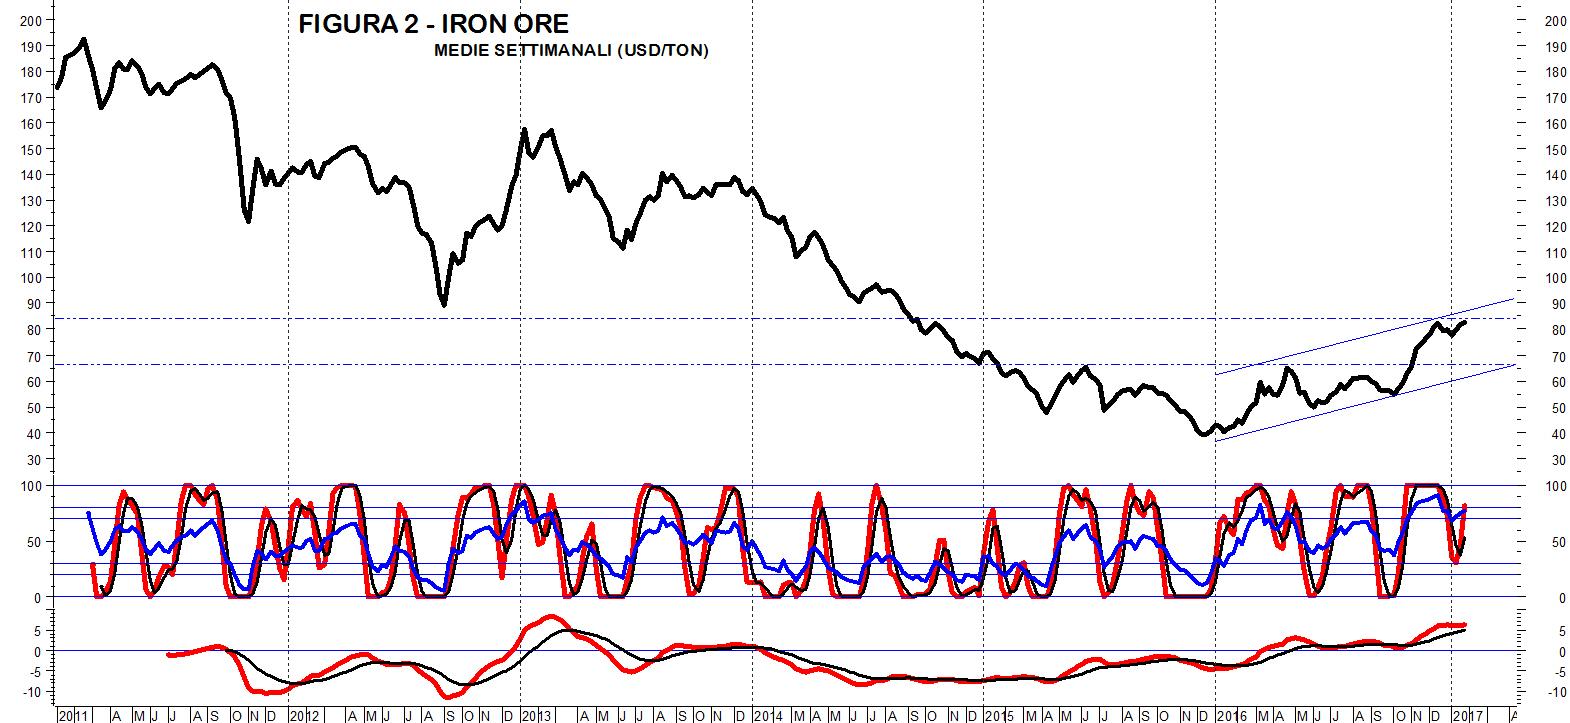 Prezzo Del Ferro Per Edilizia analisi tecnica prezzi acciaio | siderweb - la community